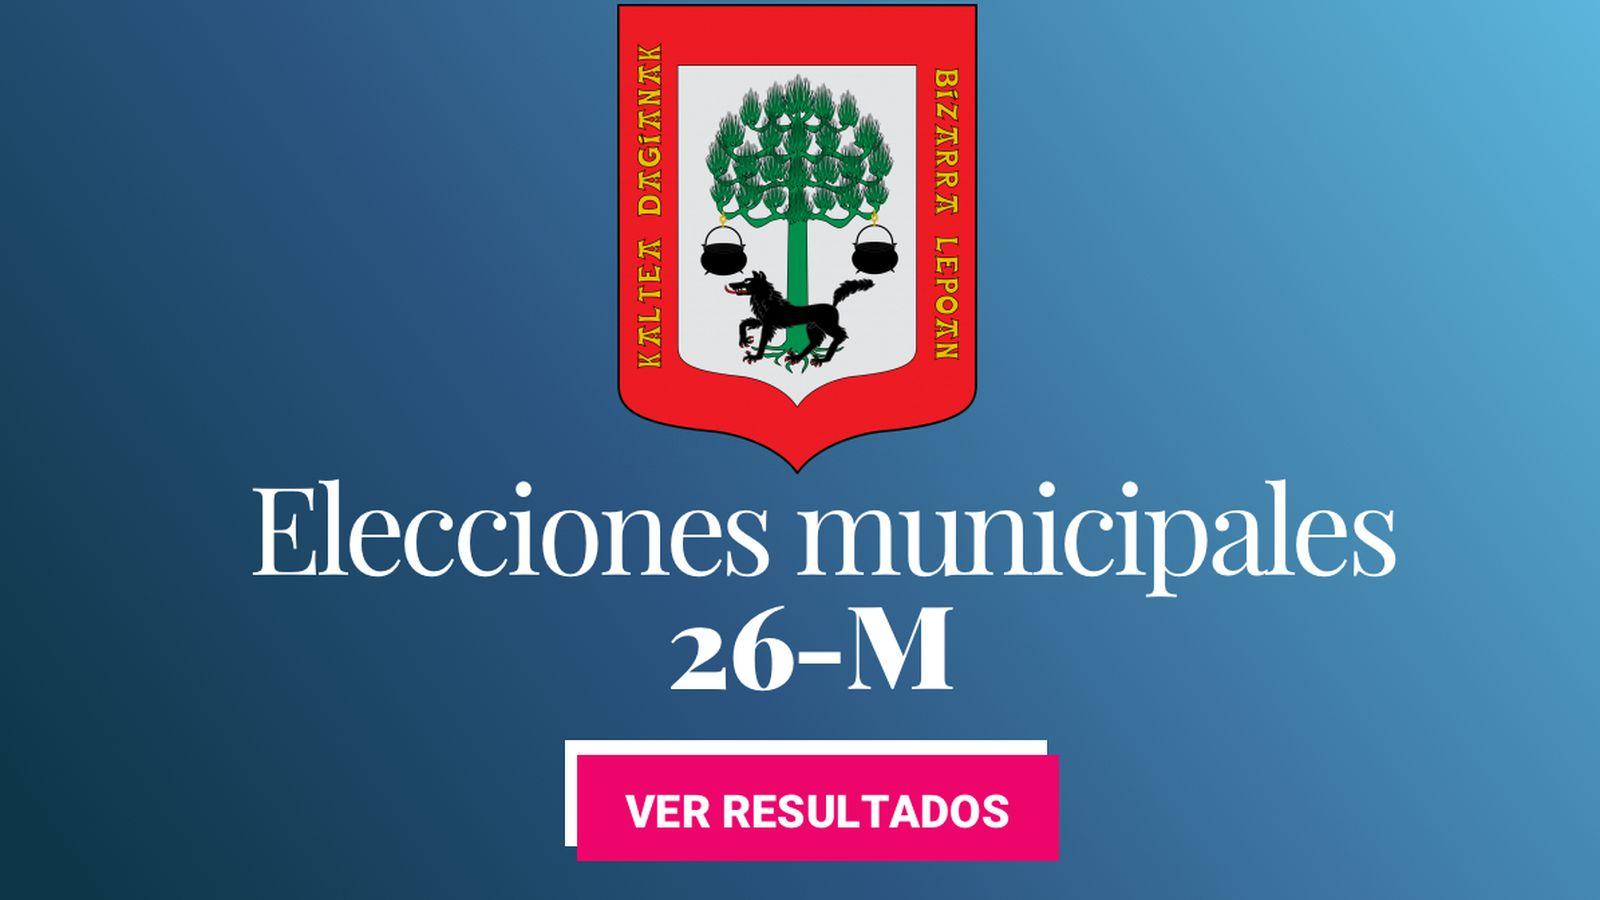 Foto: Elecciones municipales 2019 en Getxo. (C.C./EC)